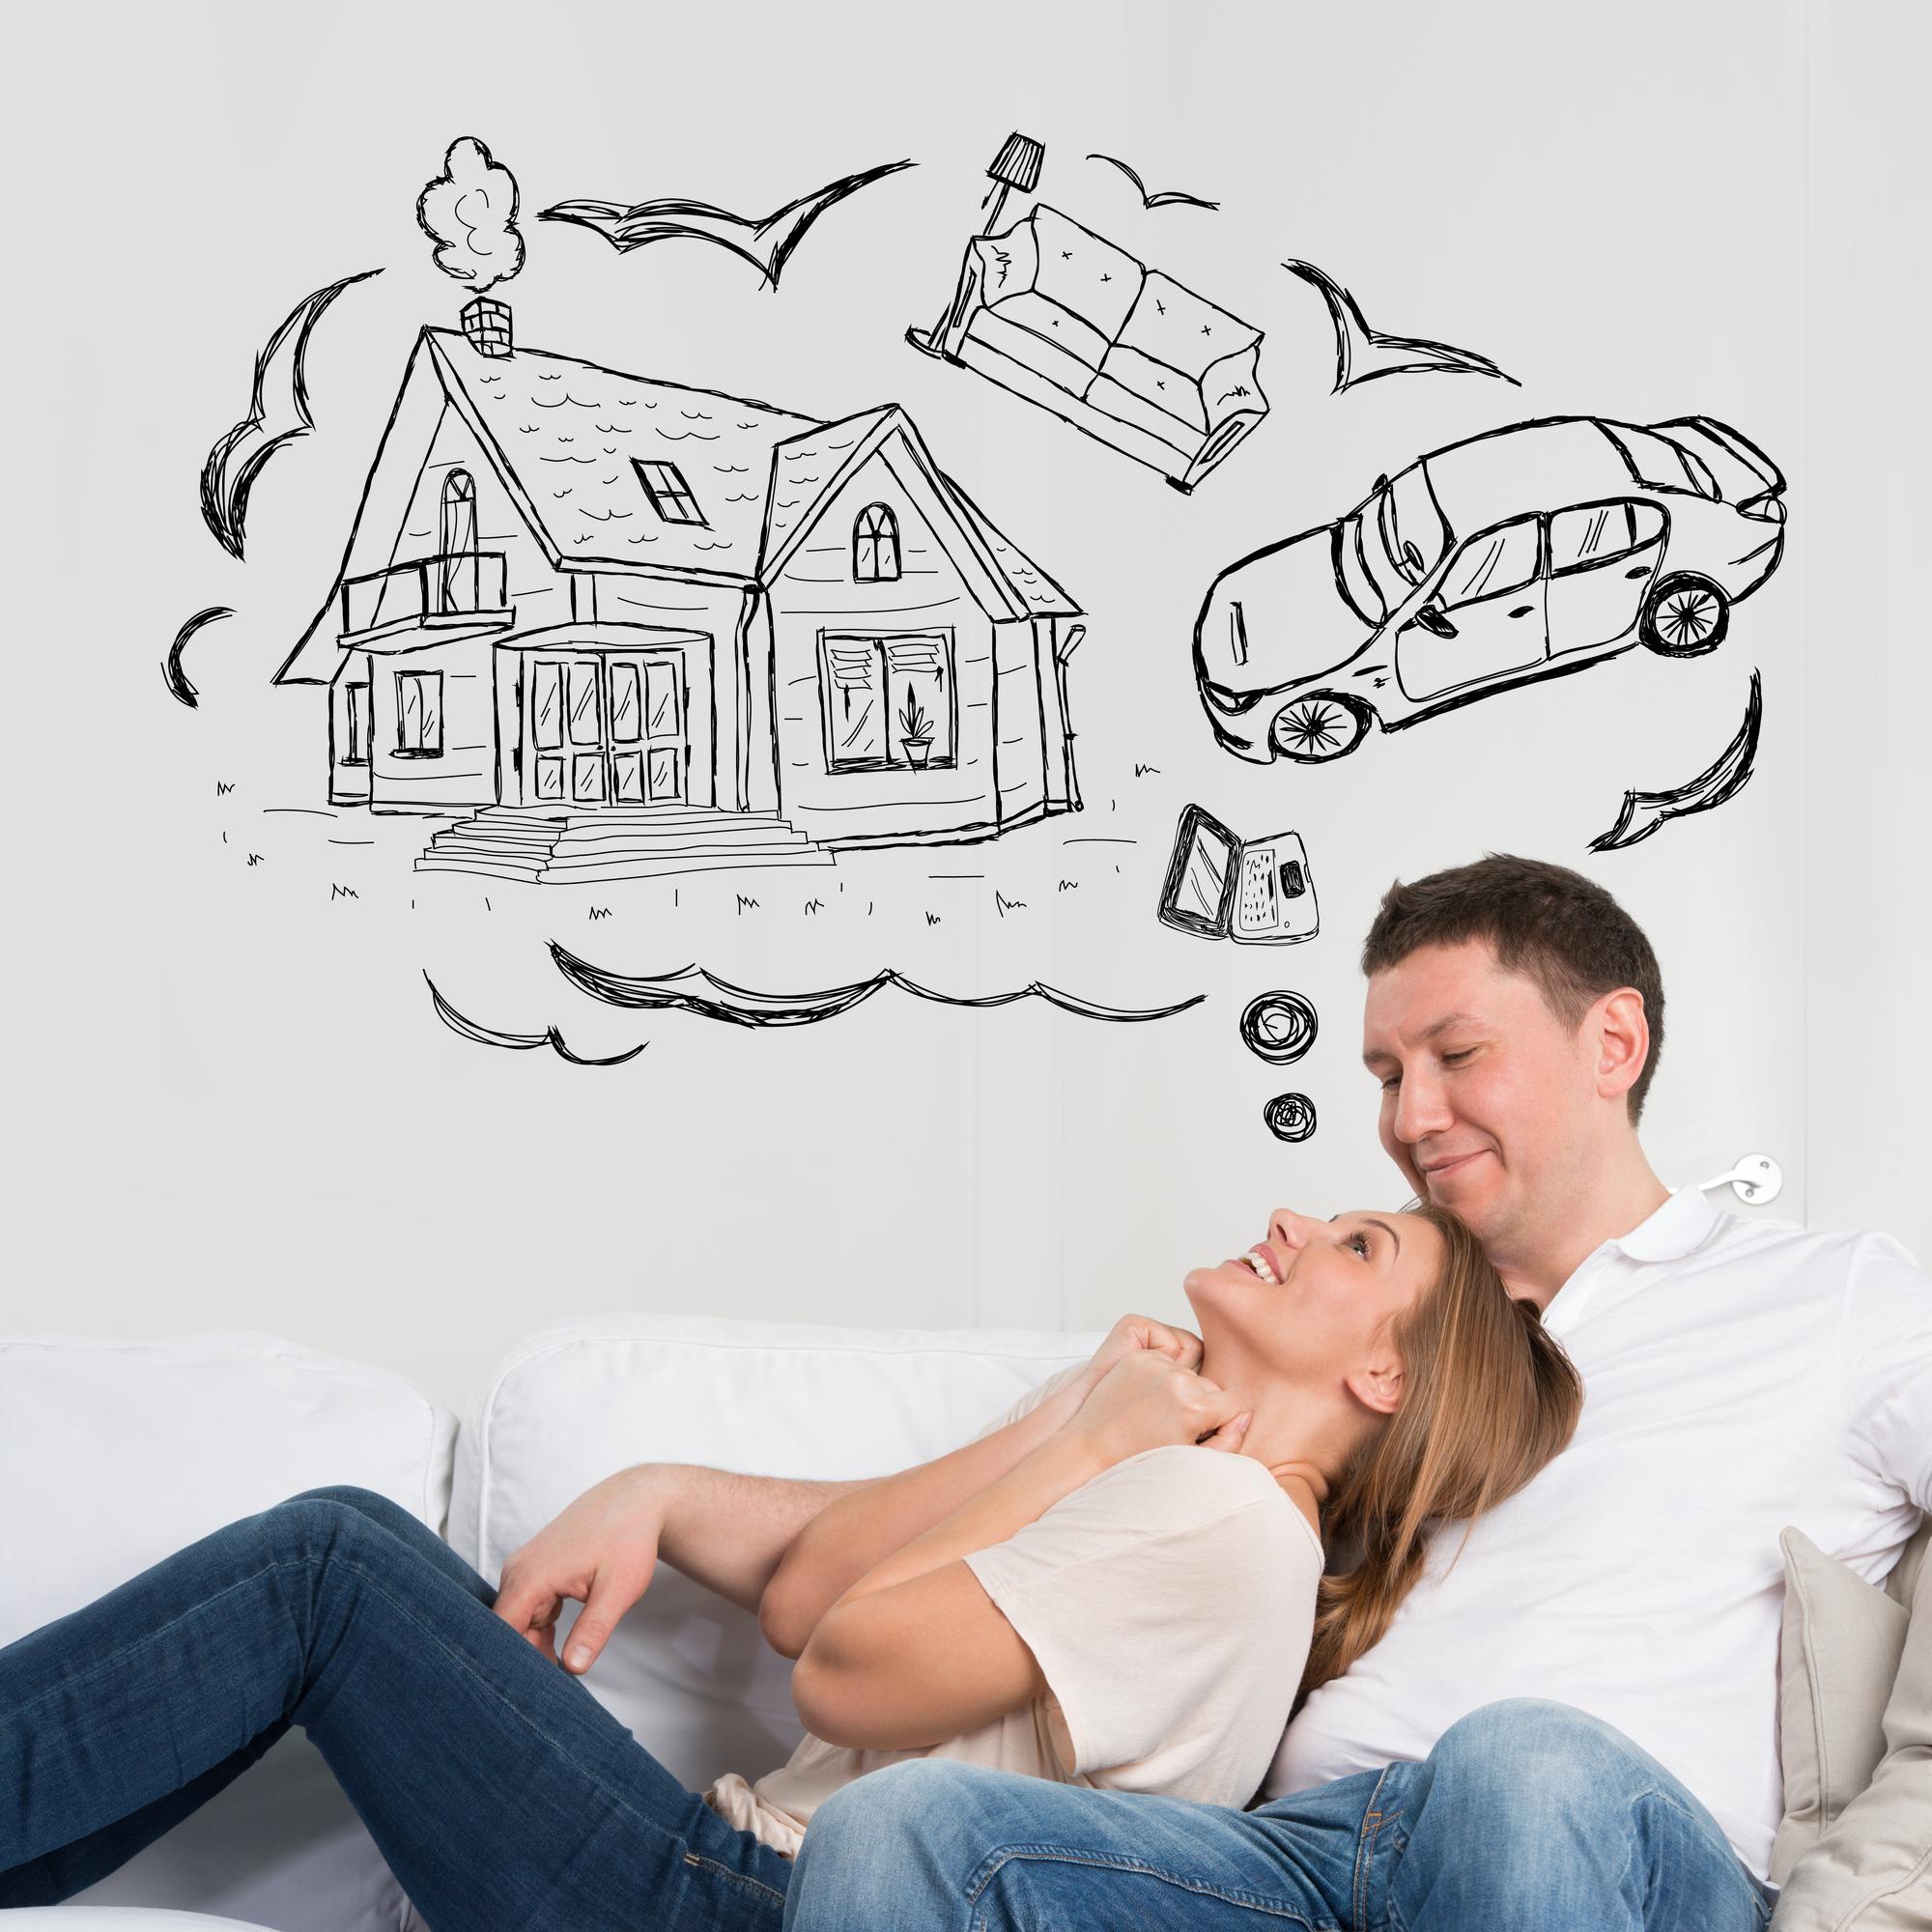 יעוץ משכנתאות למשכנתא רווחית ובטוחה עם סוגרים הכל לדירה